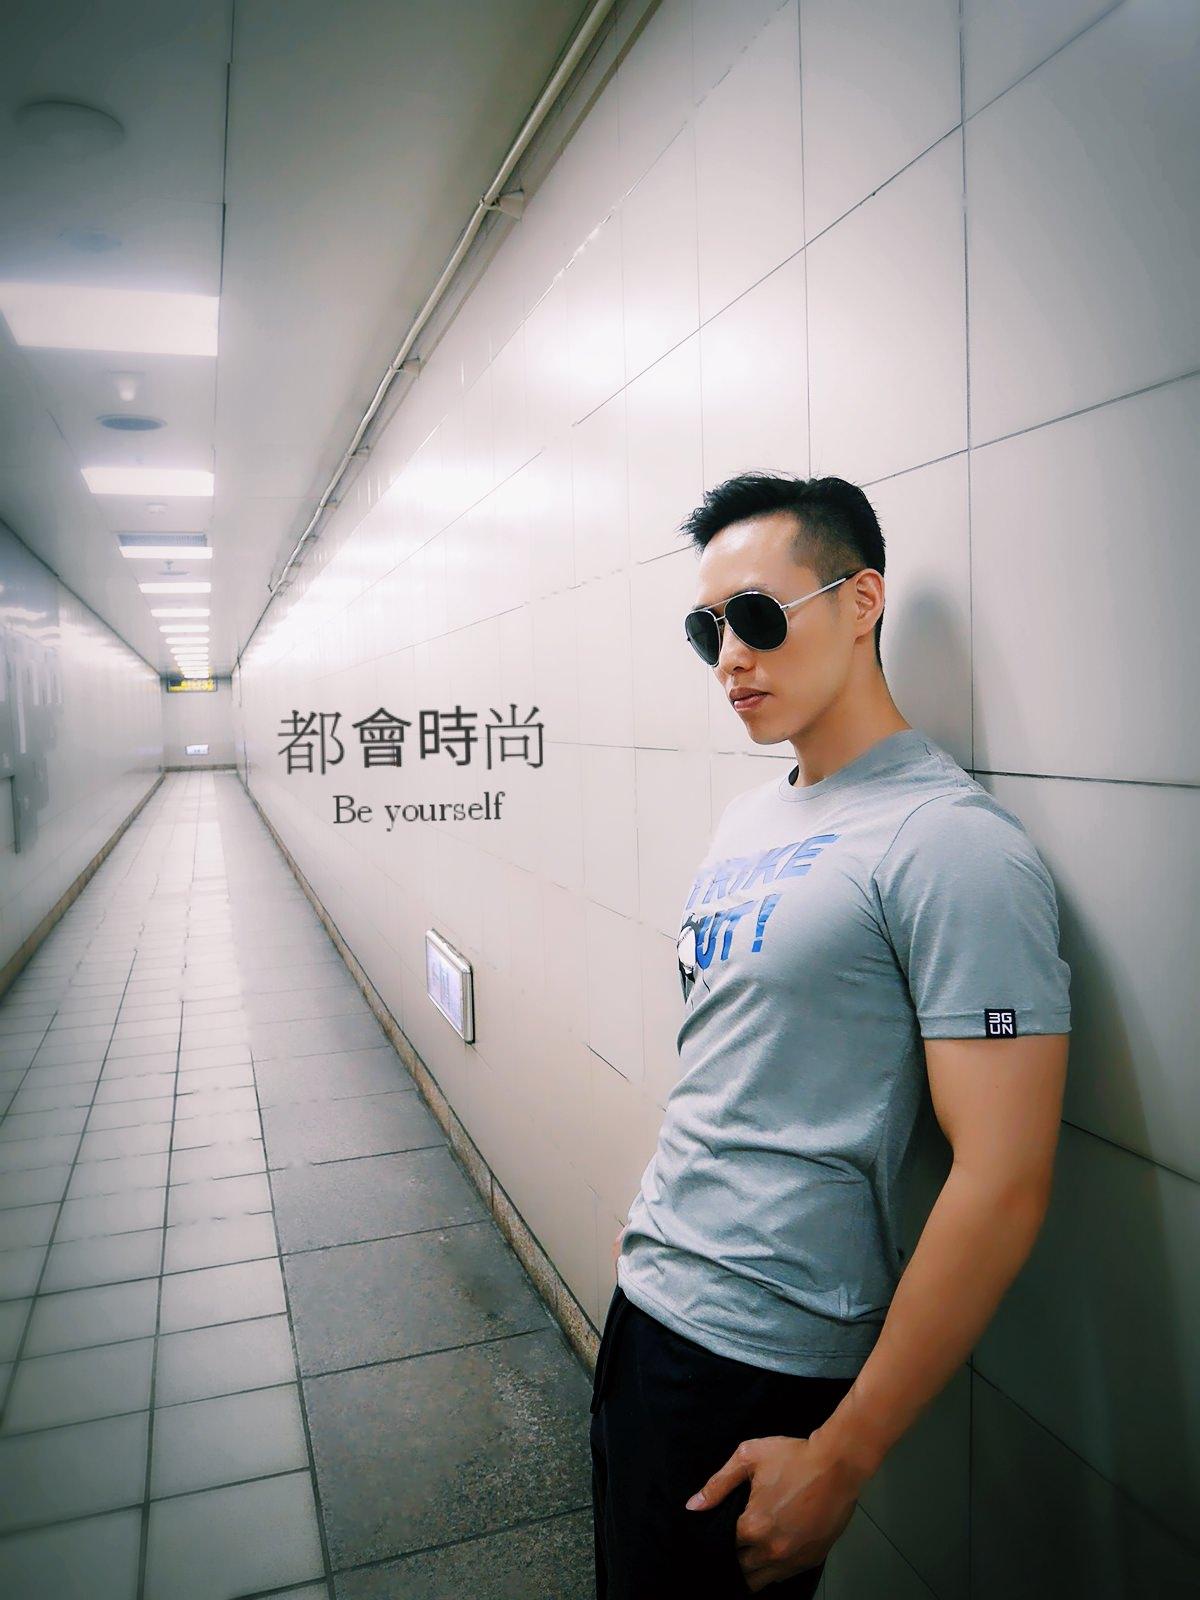 【穿搭】3GUN線上旗艦店 | 三槍網路商店 | 改版開幕~男性衣著購物初體驗